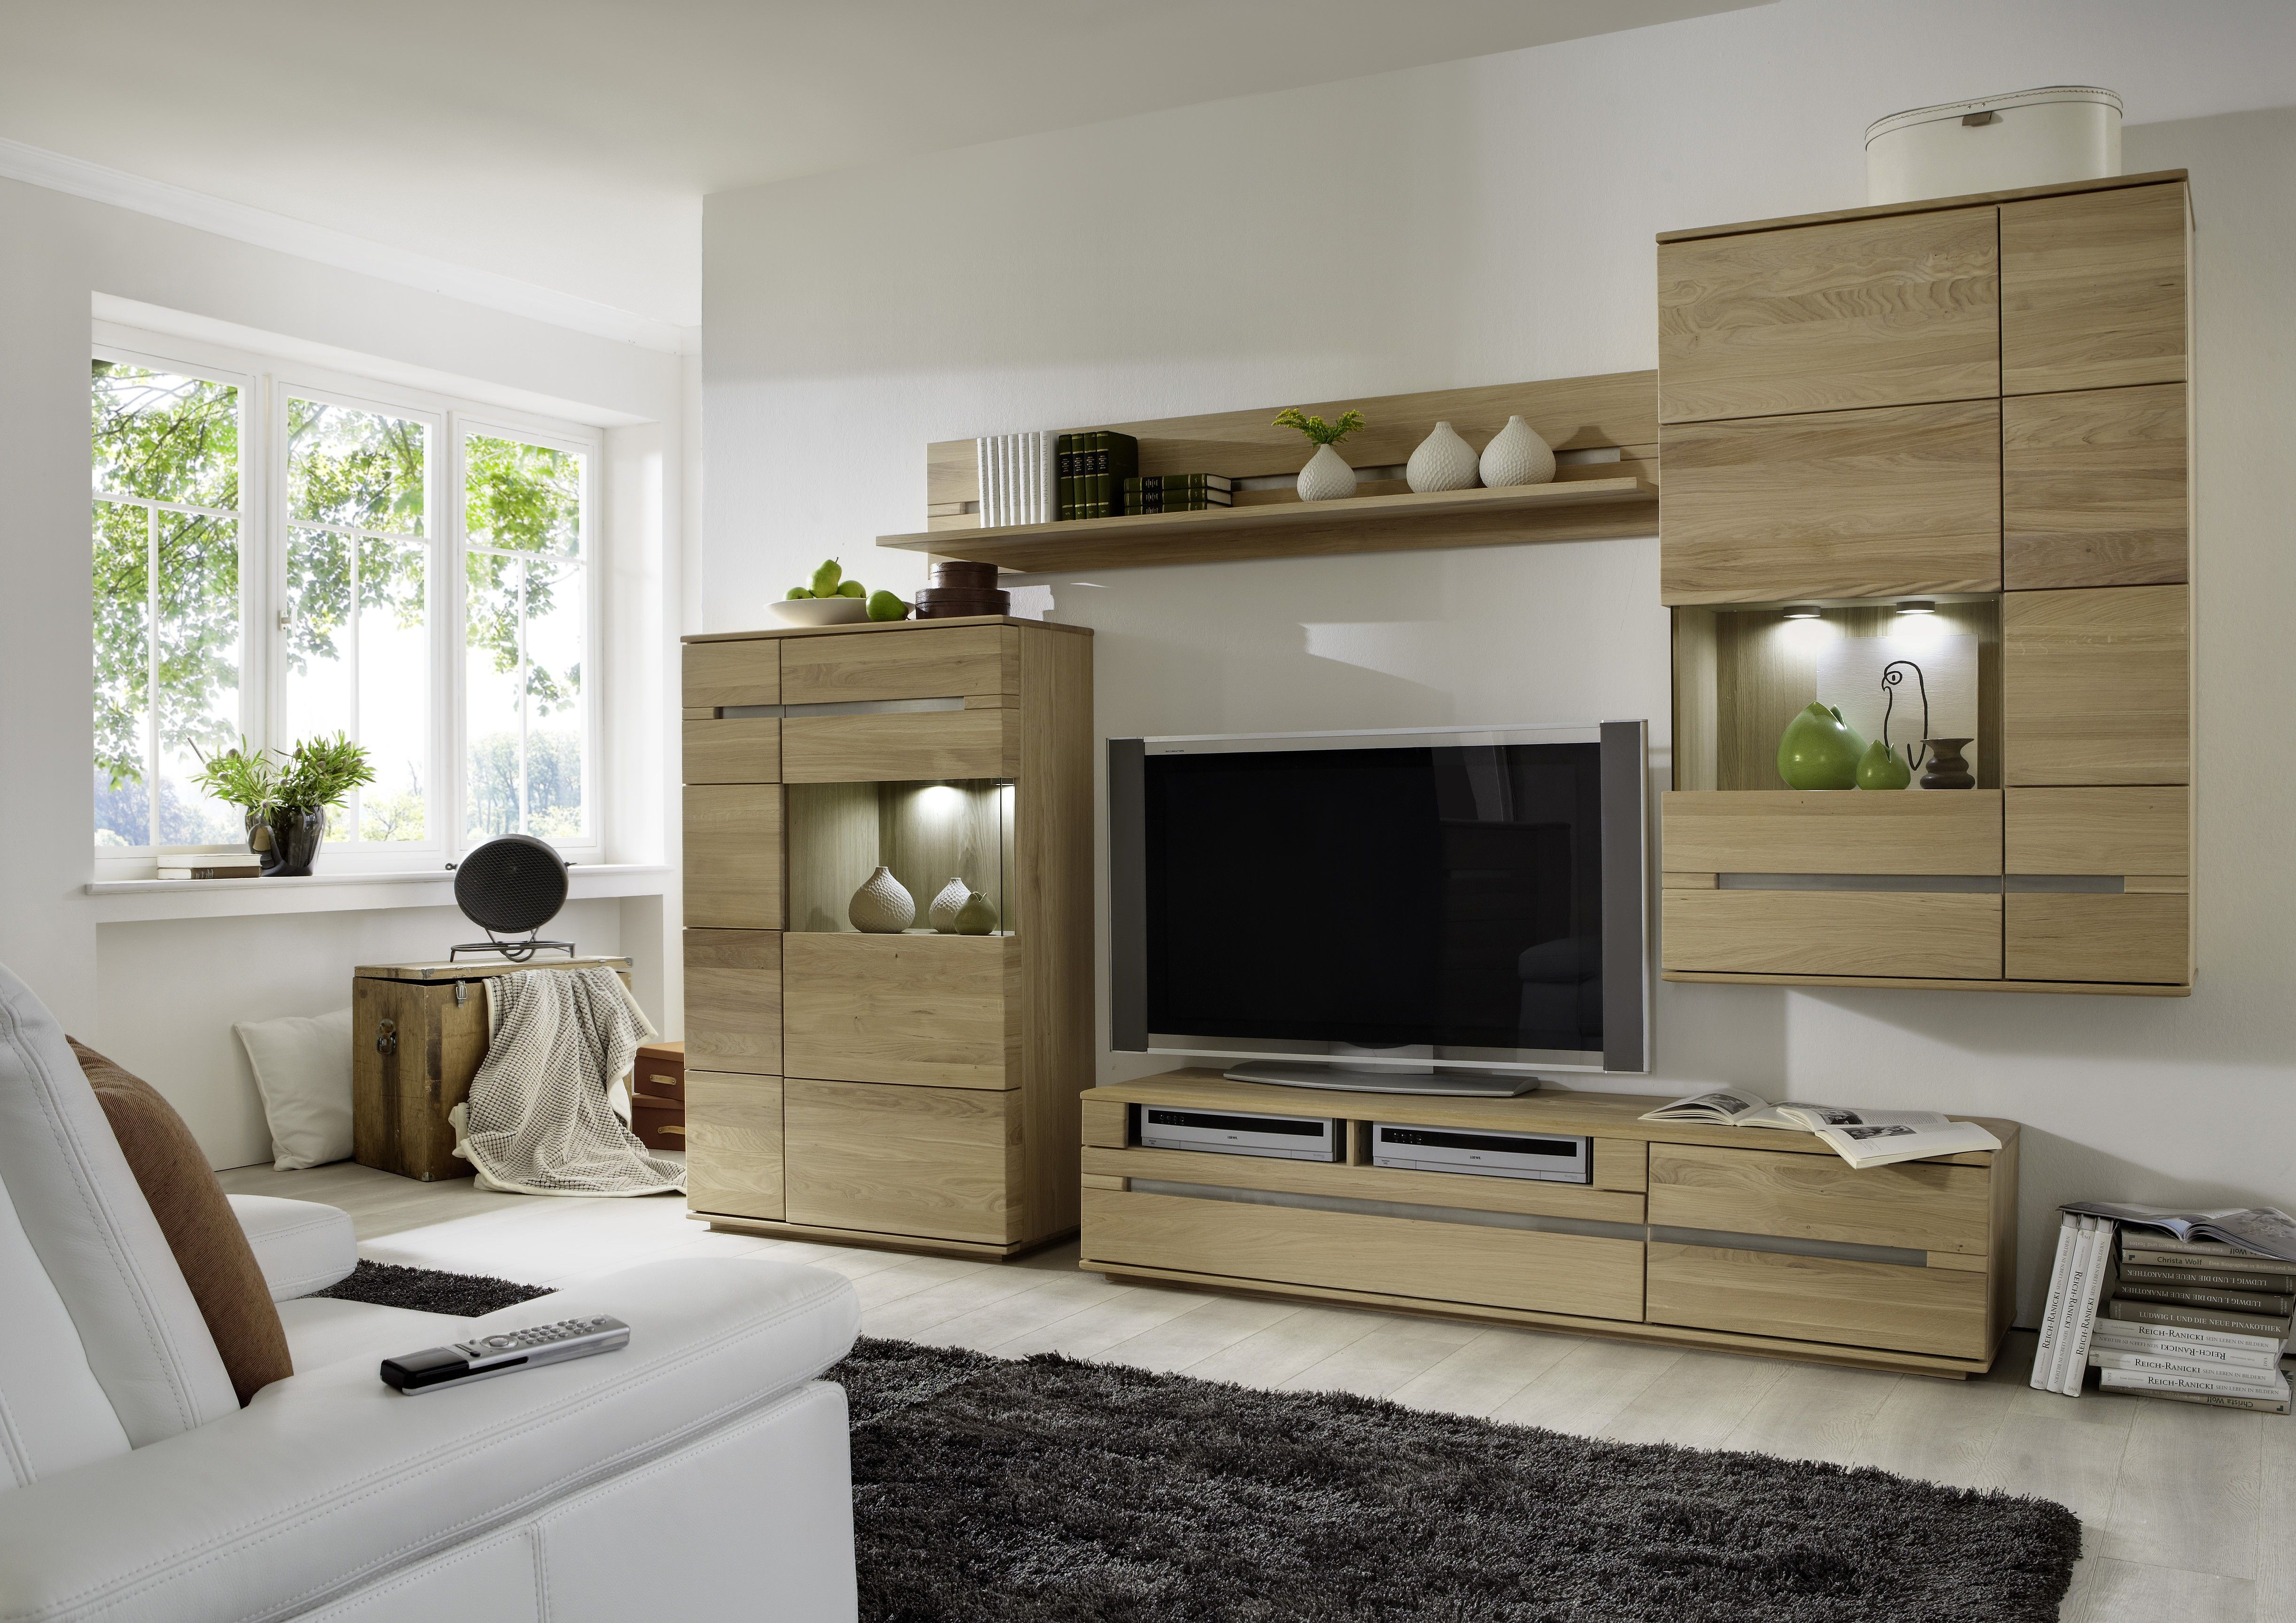 Sehr Moderne Wohnwand In Eiche Bianco Lamelle Ist Das Neue Highlight In  Ihrem Wohnzimmer. Moderne Optik Und Viel Stauraum Sind Hier Miteinander  Kombiniert: ...